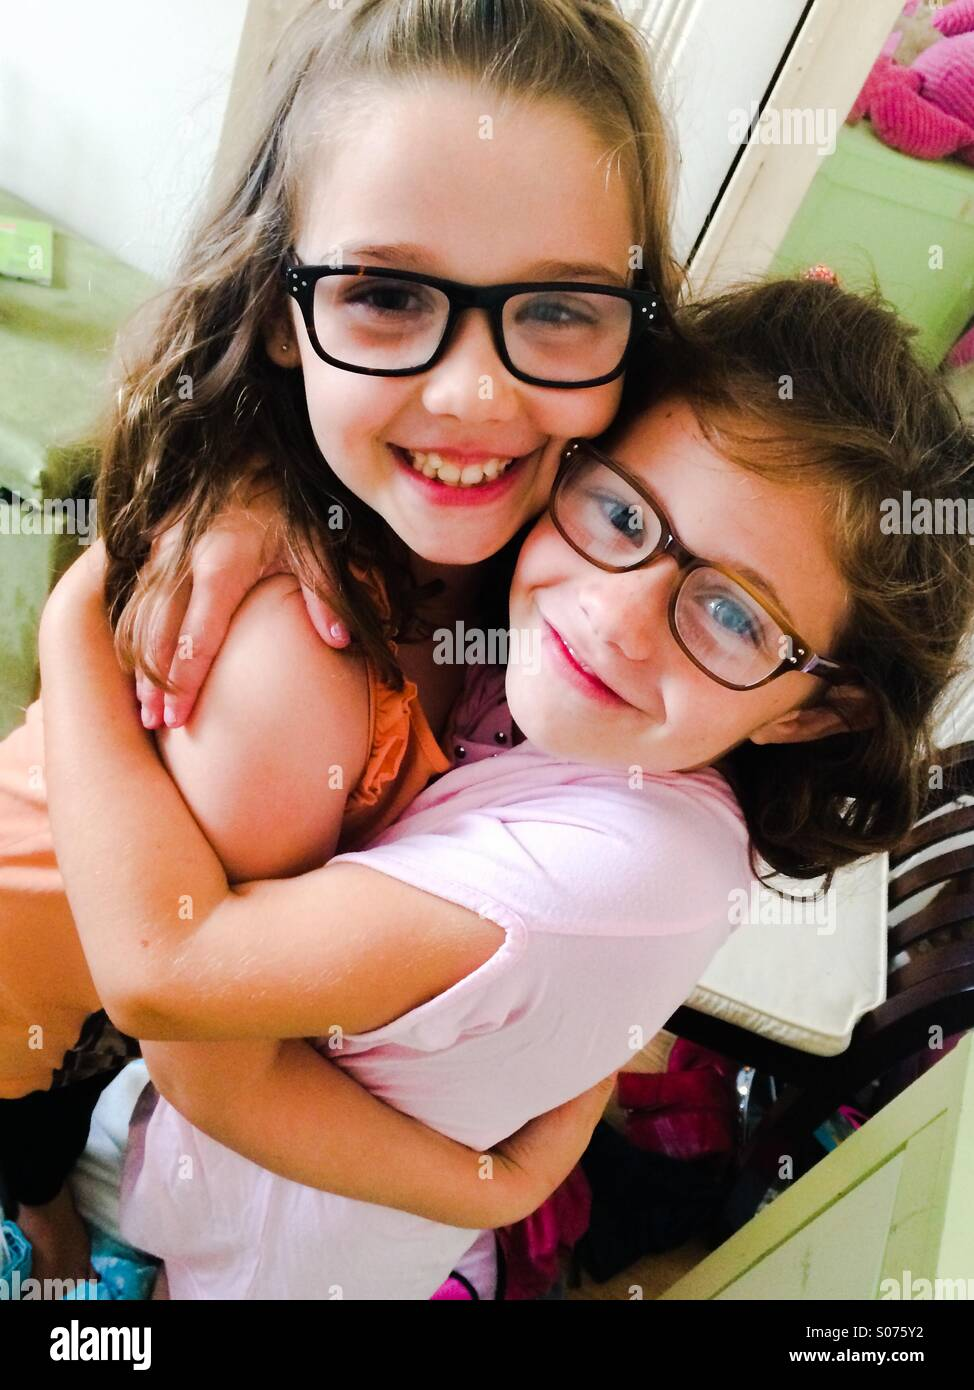 Due 6 anno di età le ragazze che indossano occhiali Immagini Stock